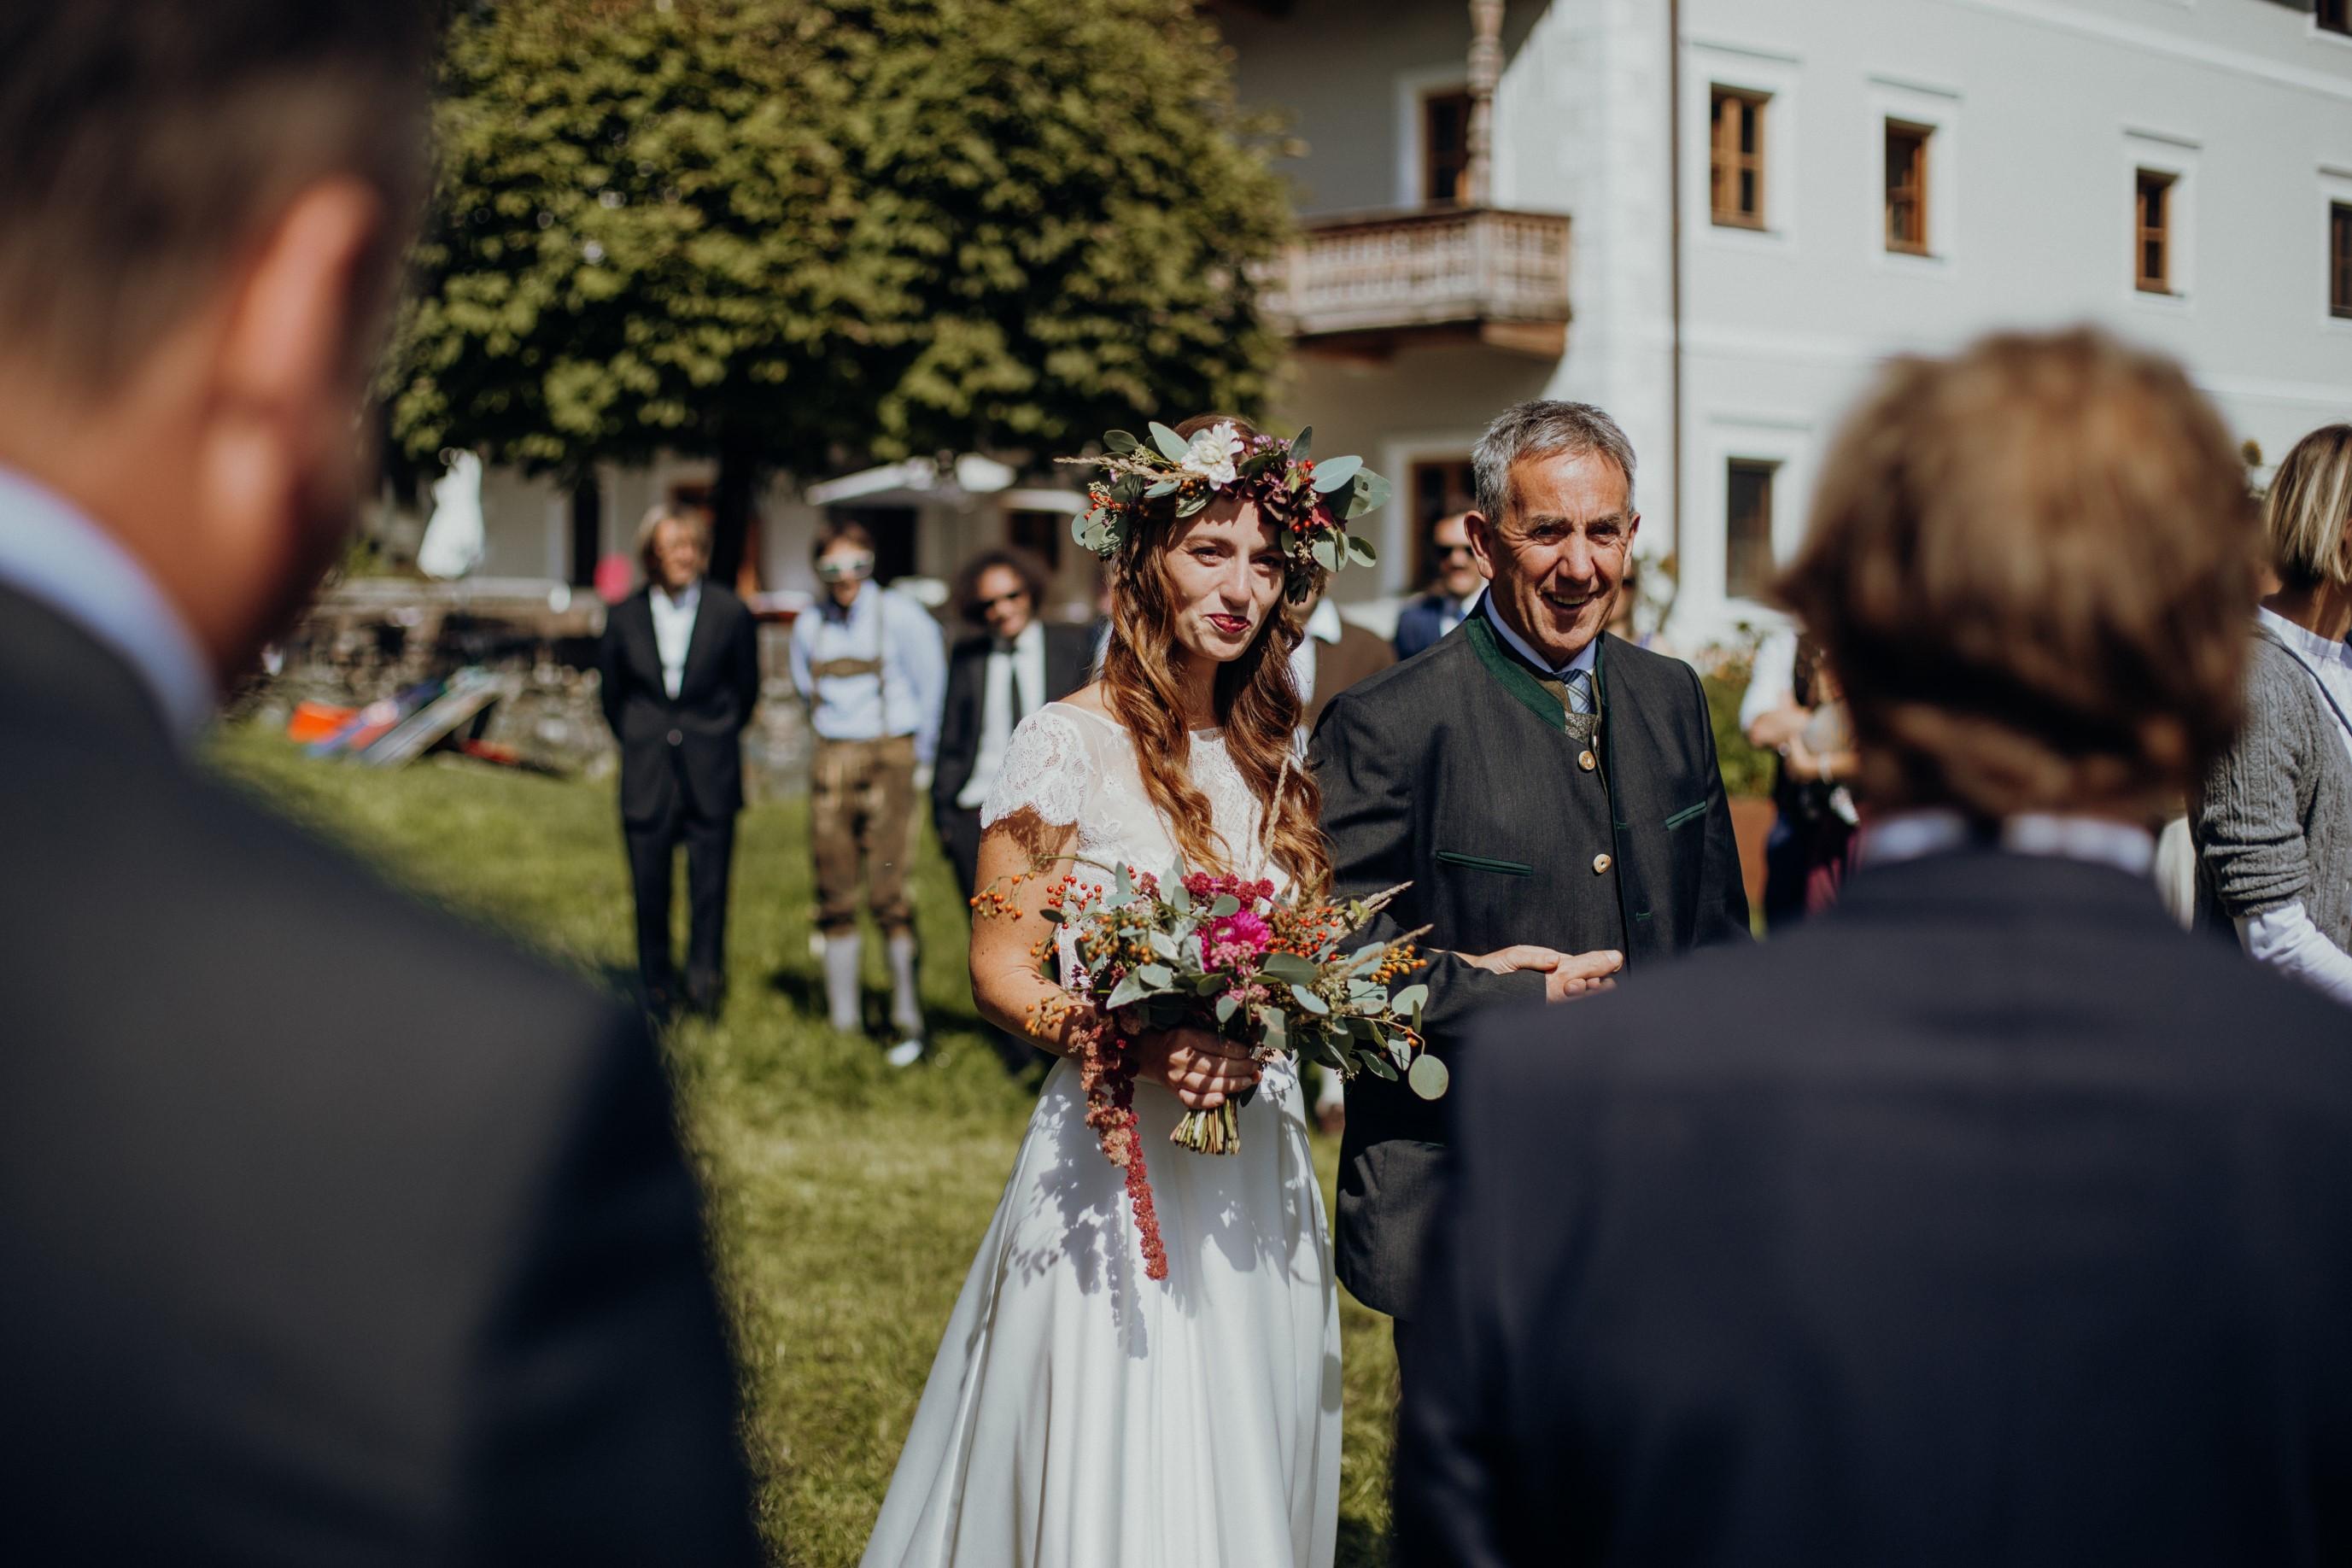 theclickwedding-connybernd-hochzeit-2-61